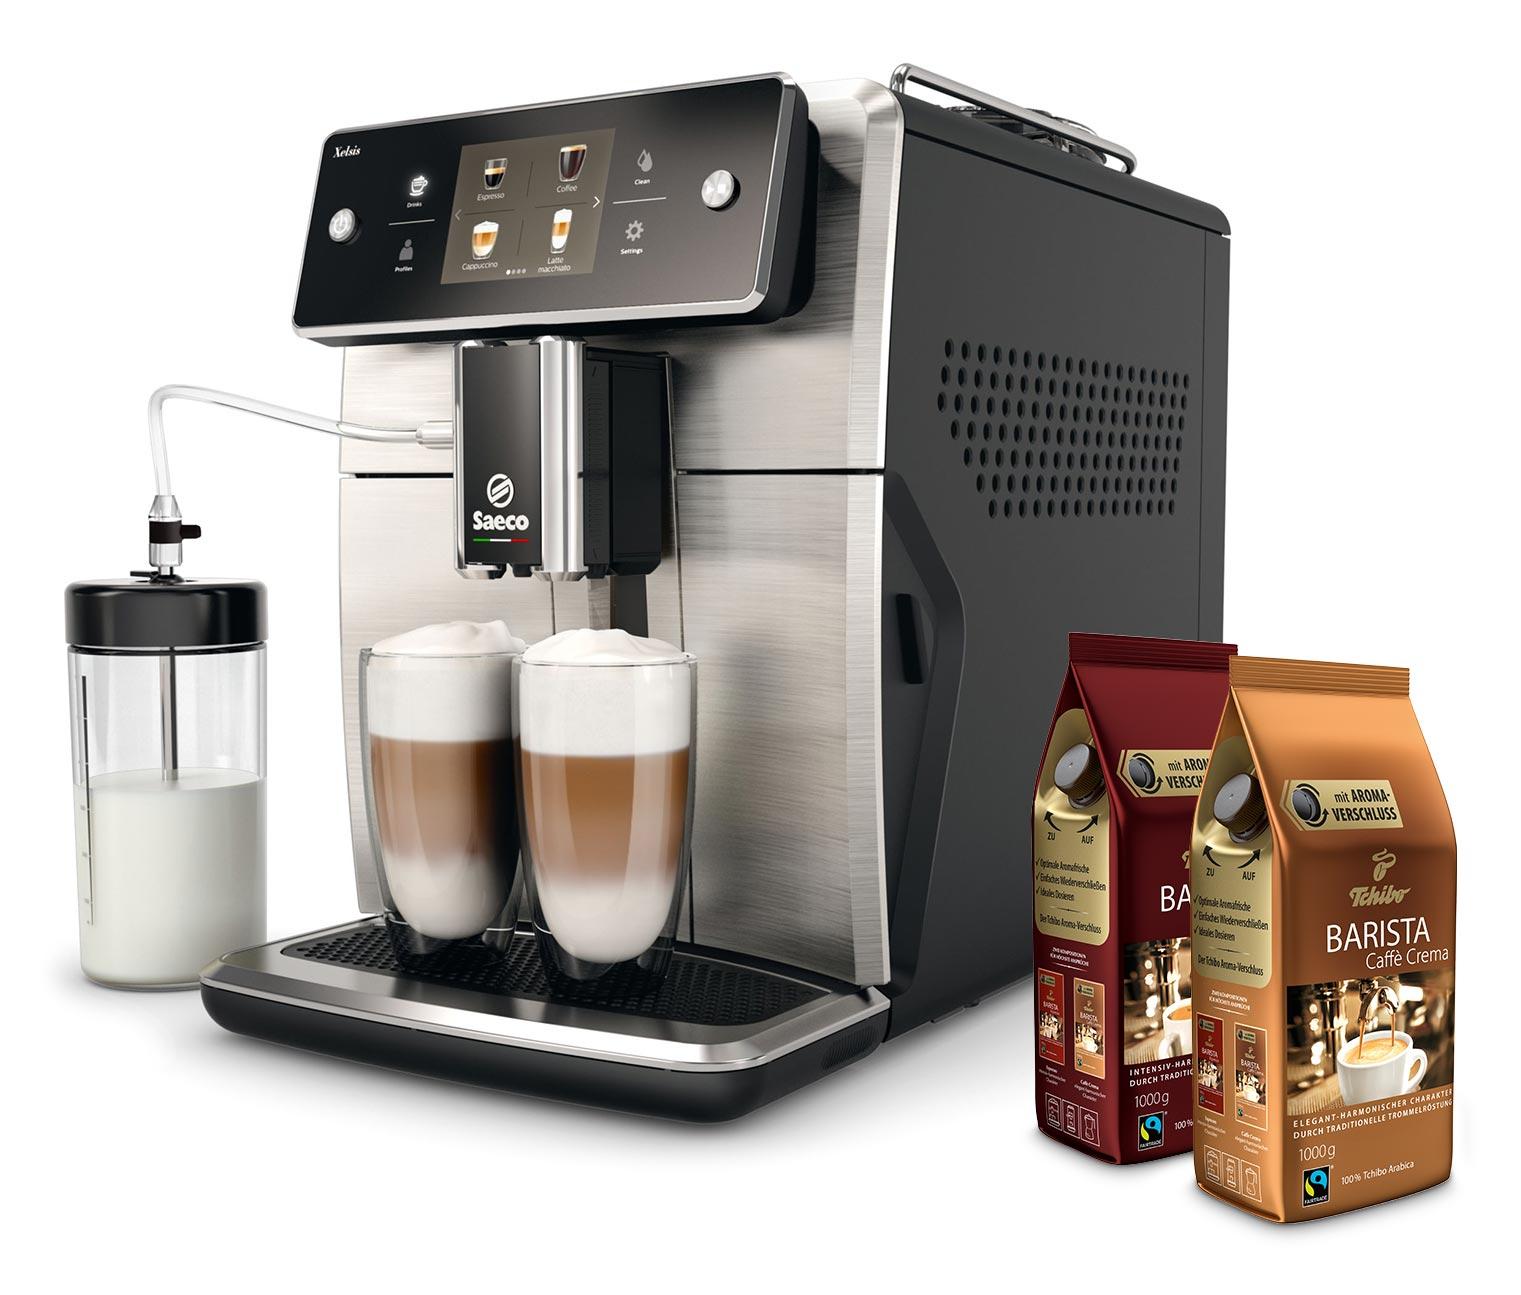 Saeco Xelsis SM7683/00 inkl. 2 KG Gratis Kaffee